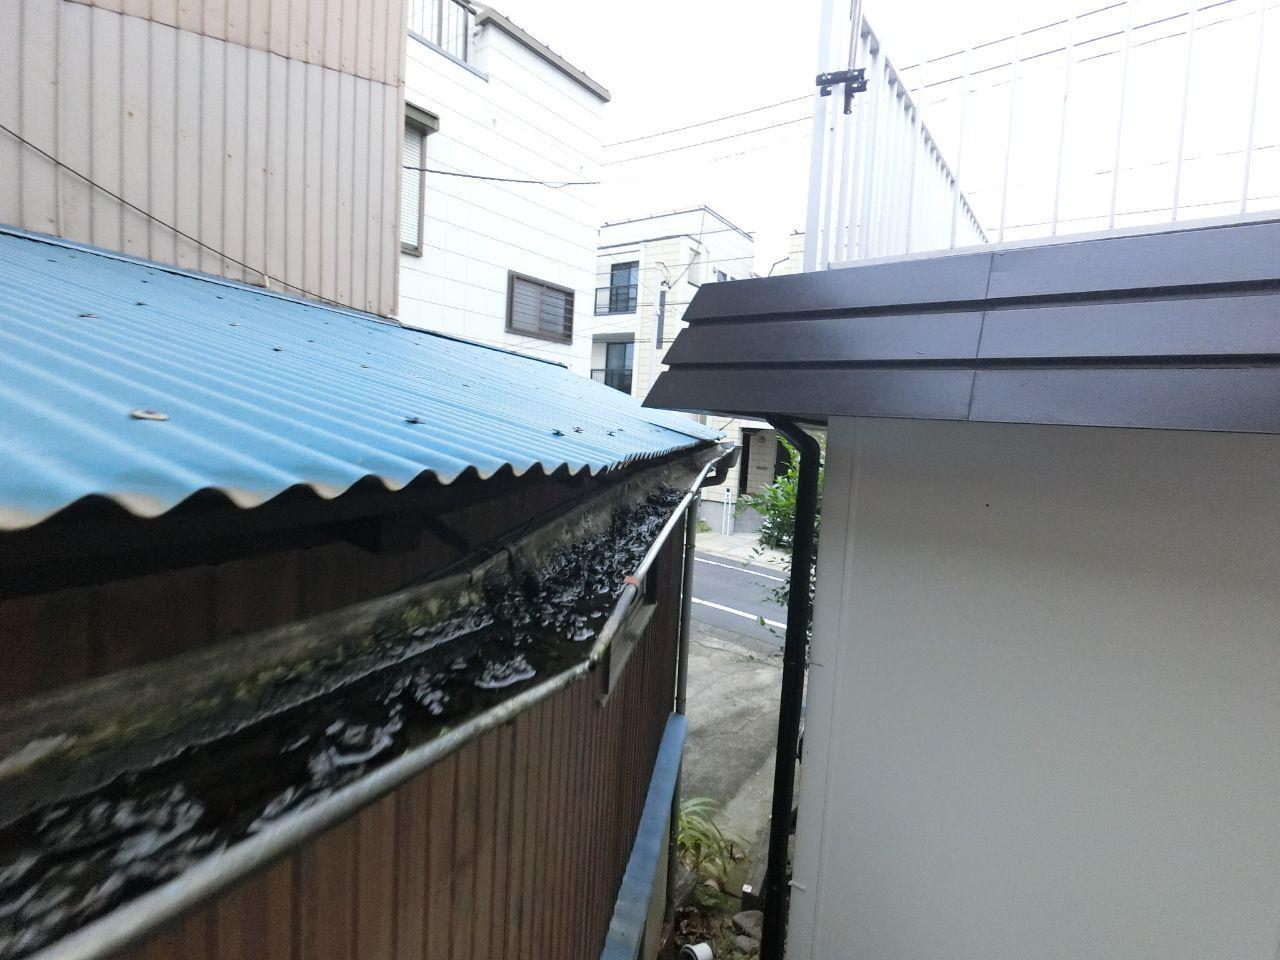 練馬区の屋根雨樋交換修理工事の価格は?